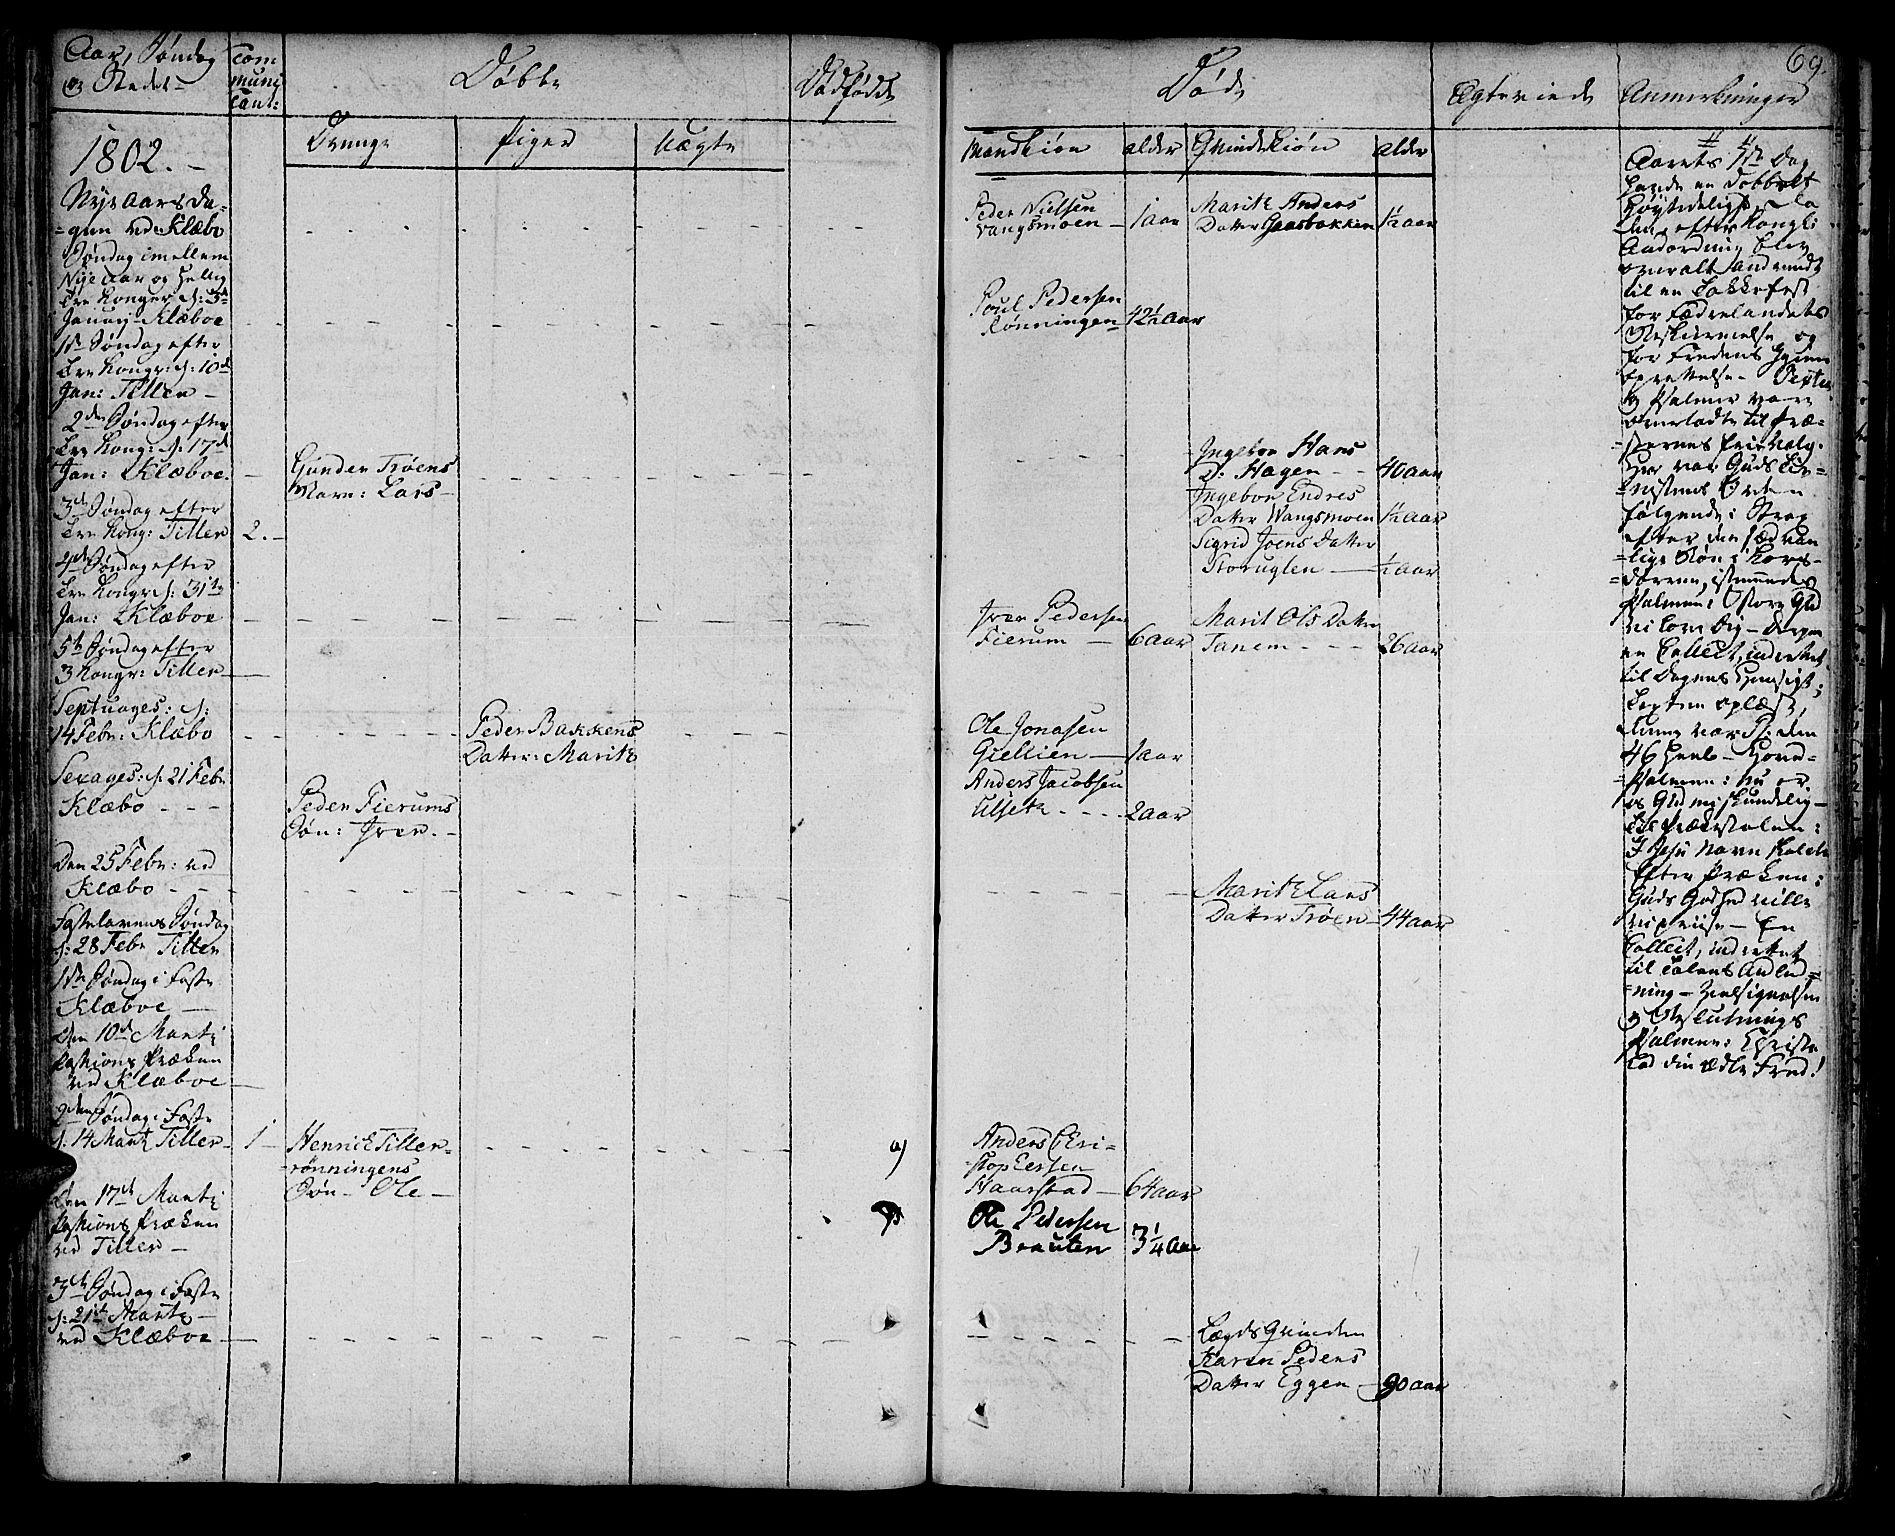 SAT, Ministerialprotokoller, klokkerbøker og fødselsregistre - Sør-Trøndelag, 618/L0438: Ministerialbok nr. 618A03, 1783-1815, s. 69